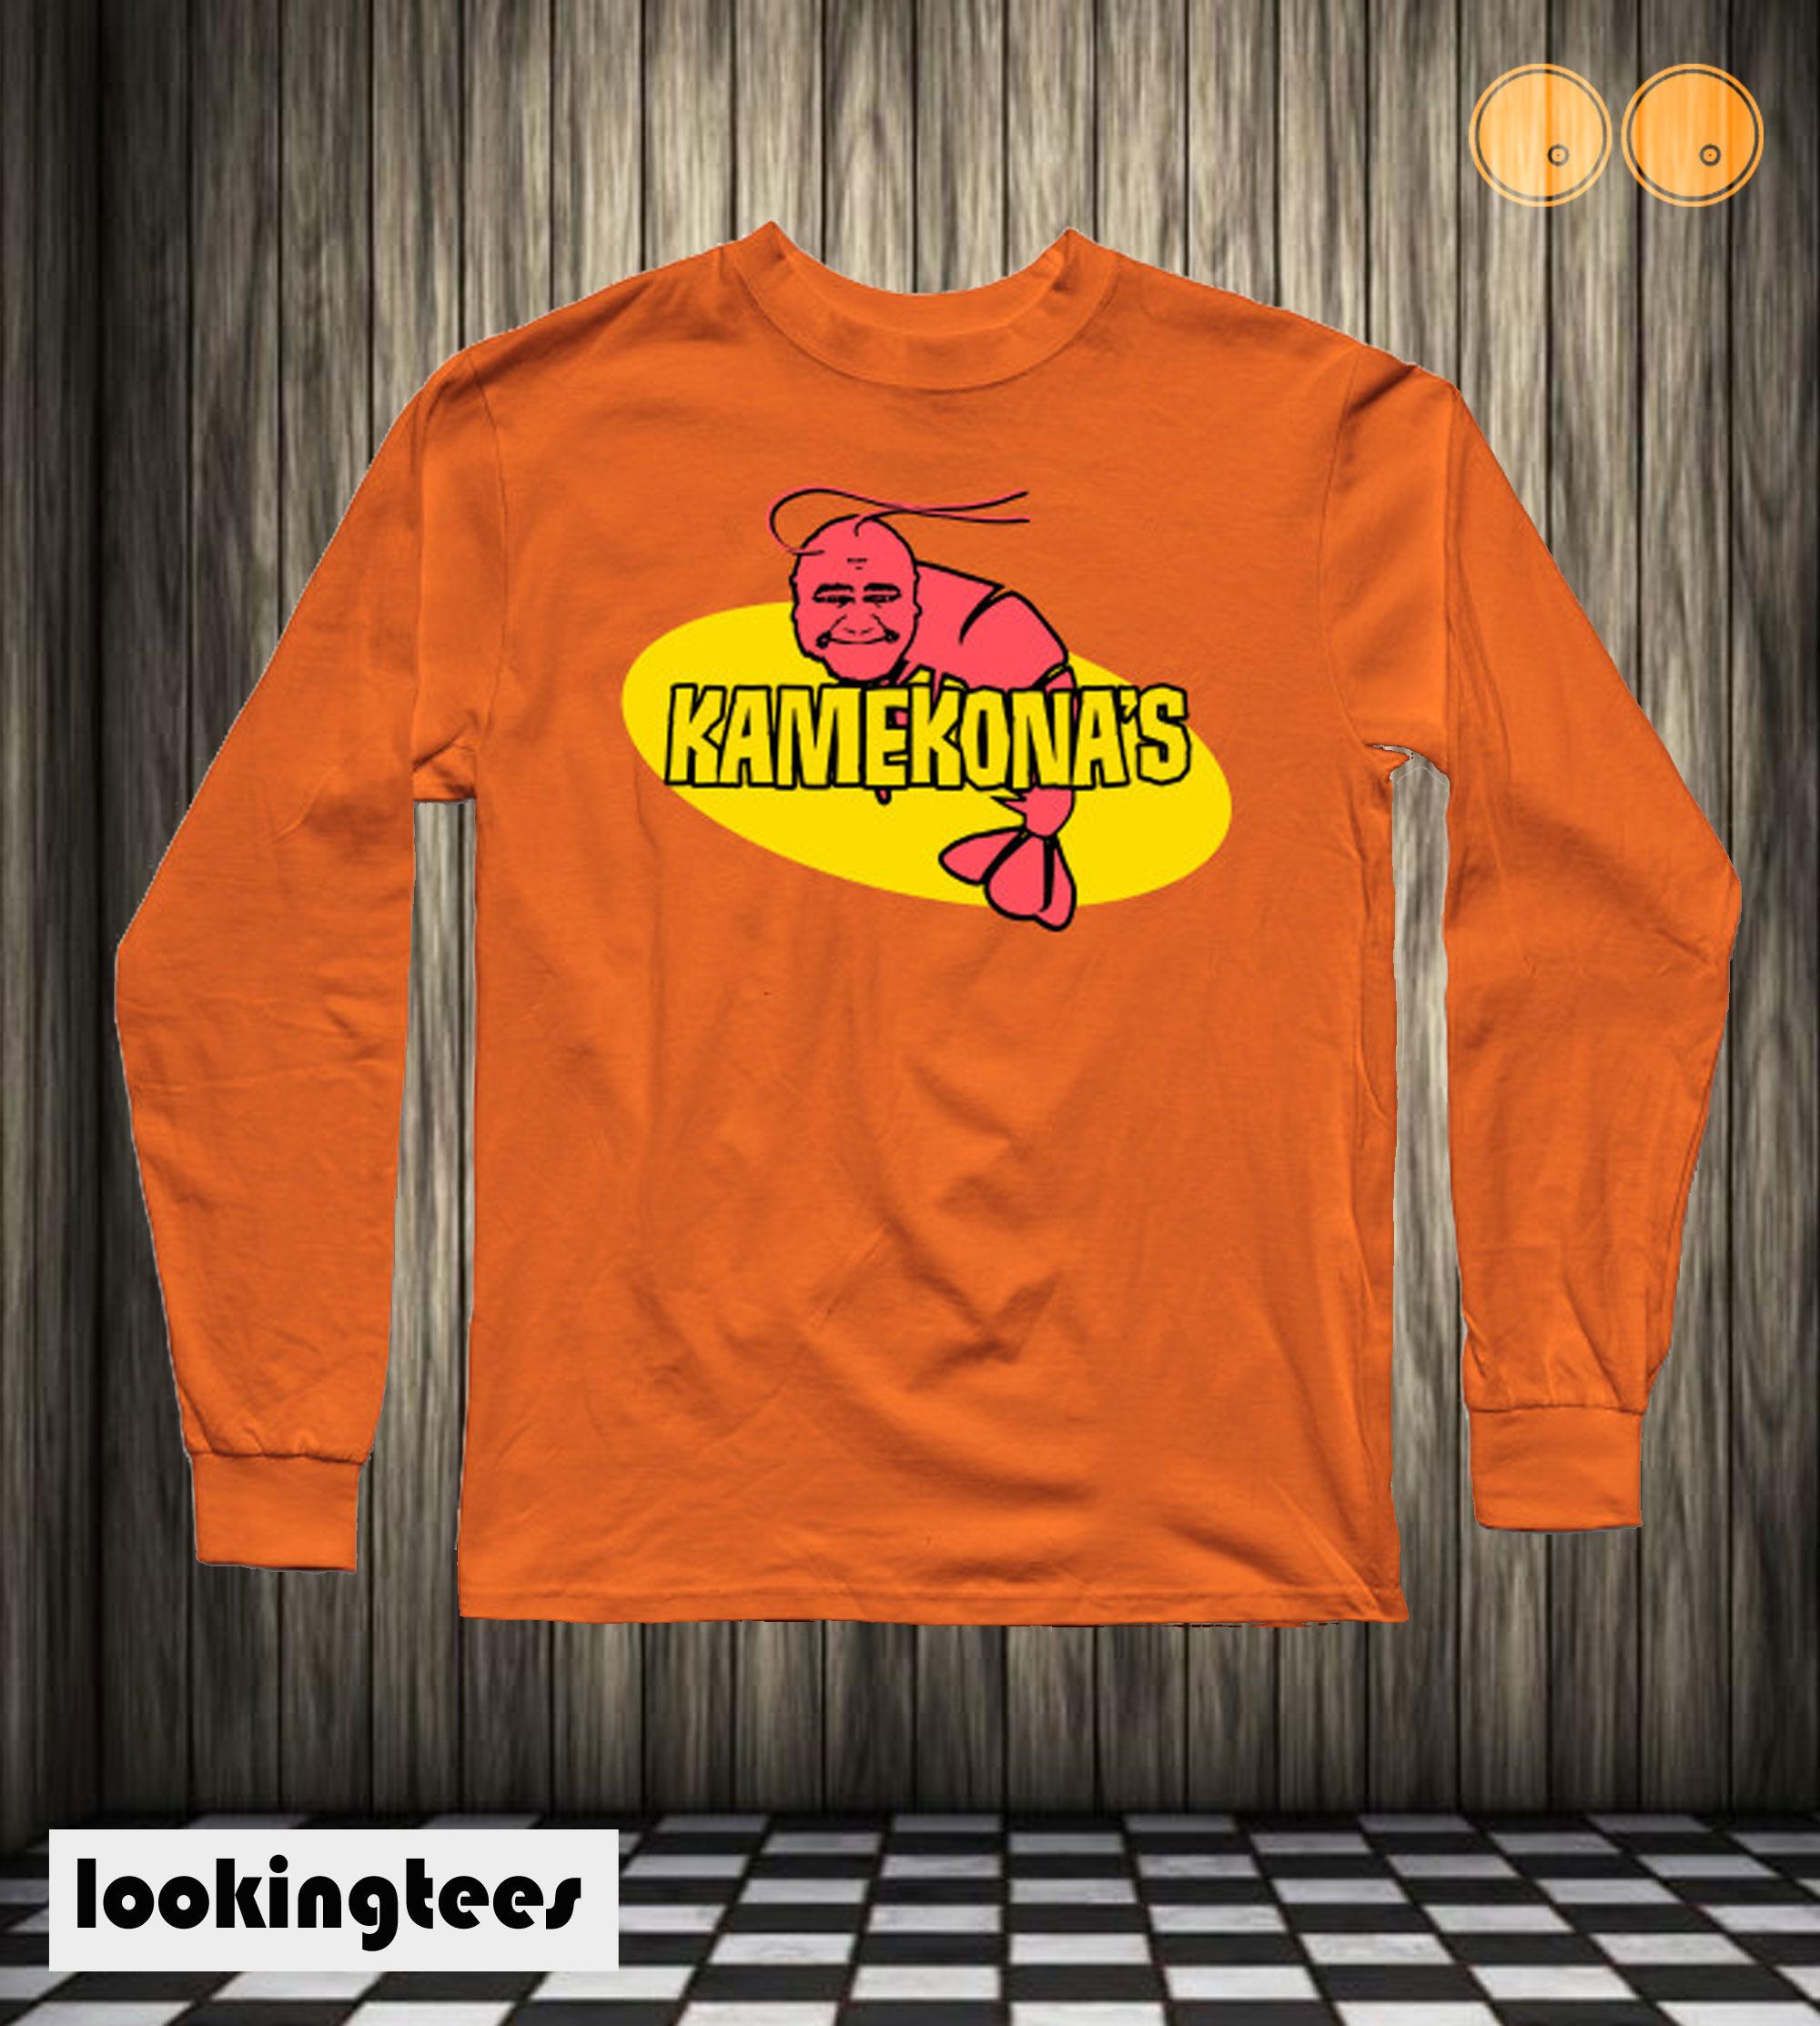 Kamekona's Sweatshirt